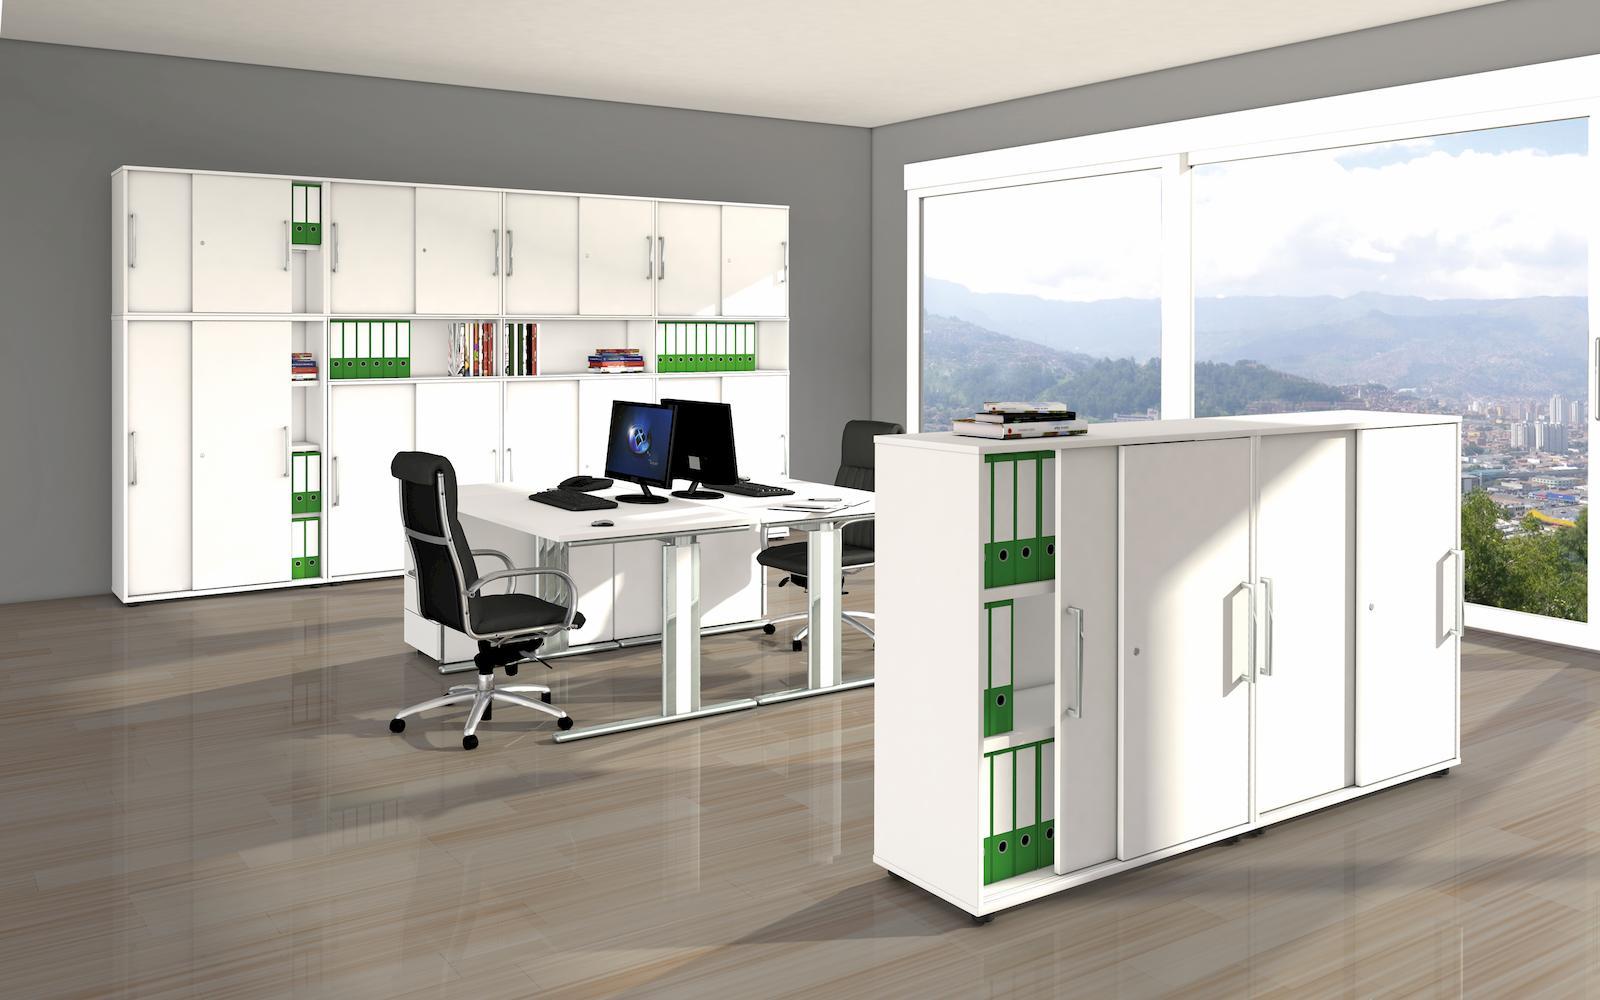 remo schr nke sideboard 3oh schiebet renschrank aktenschrank b roschrank wei wenge b ro. Black Bedroom Furniture Sets. Home Design Ideas